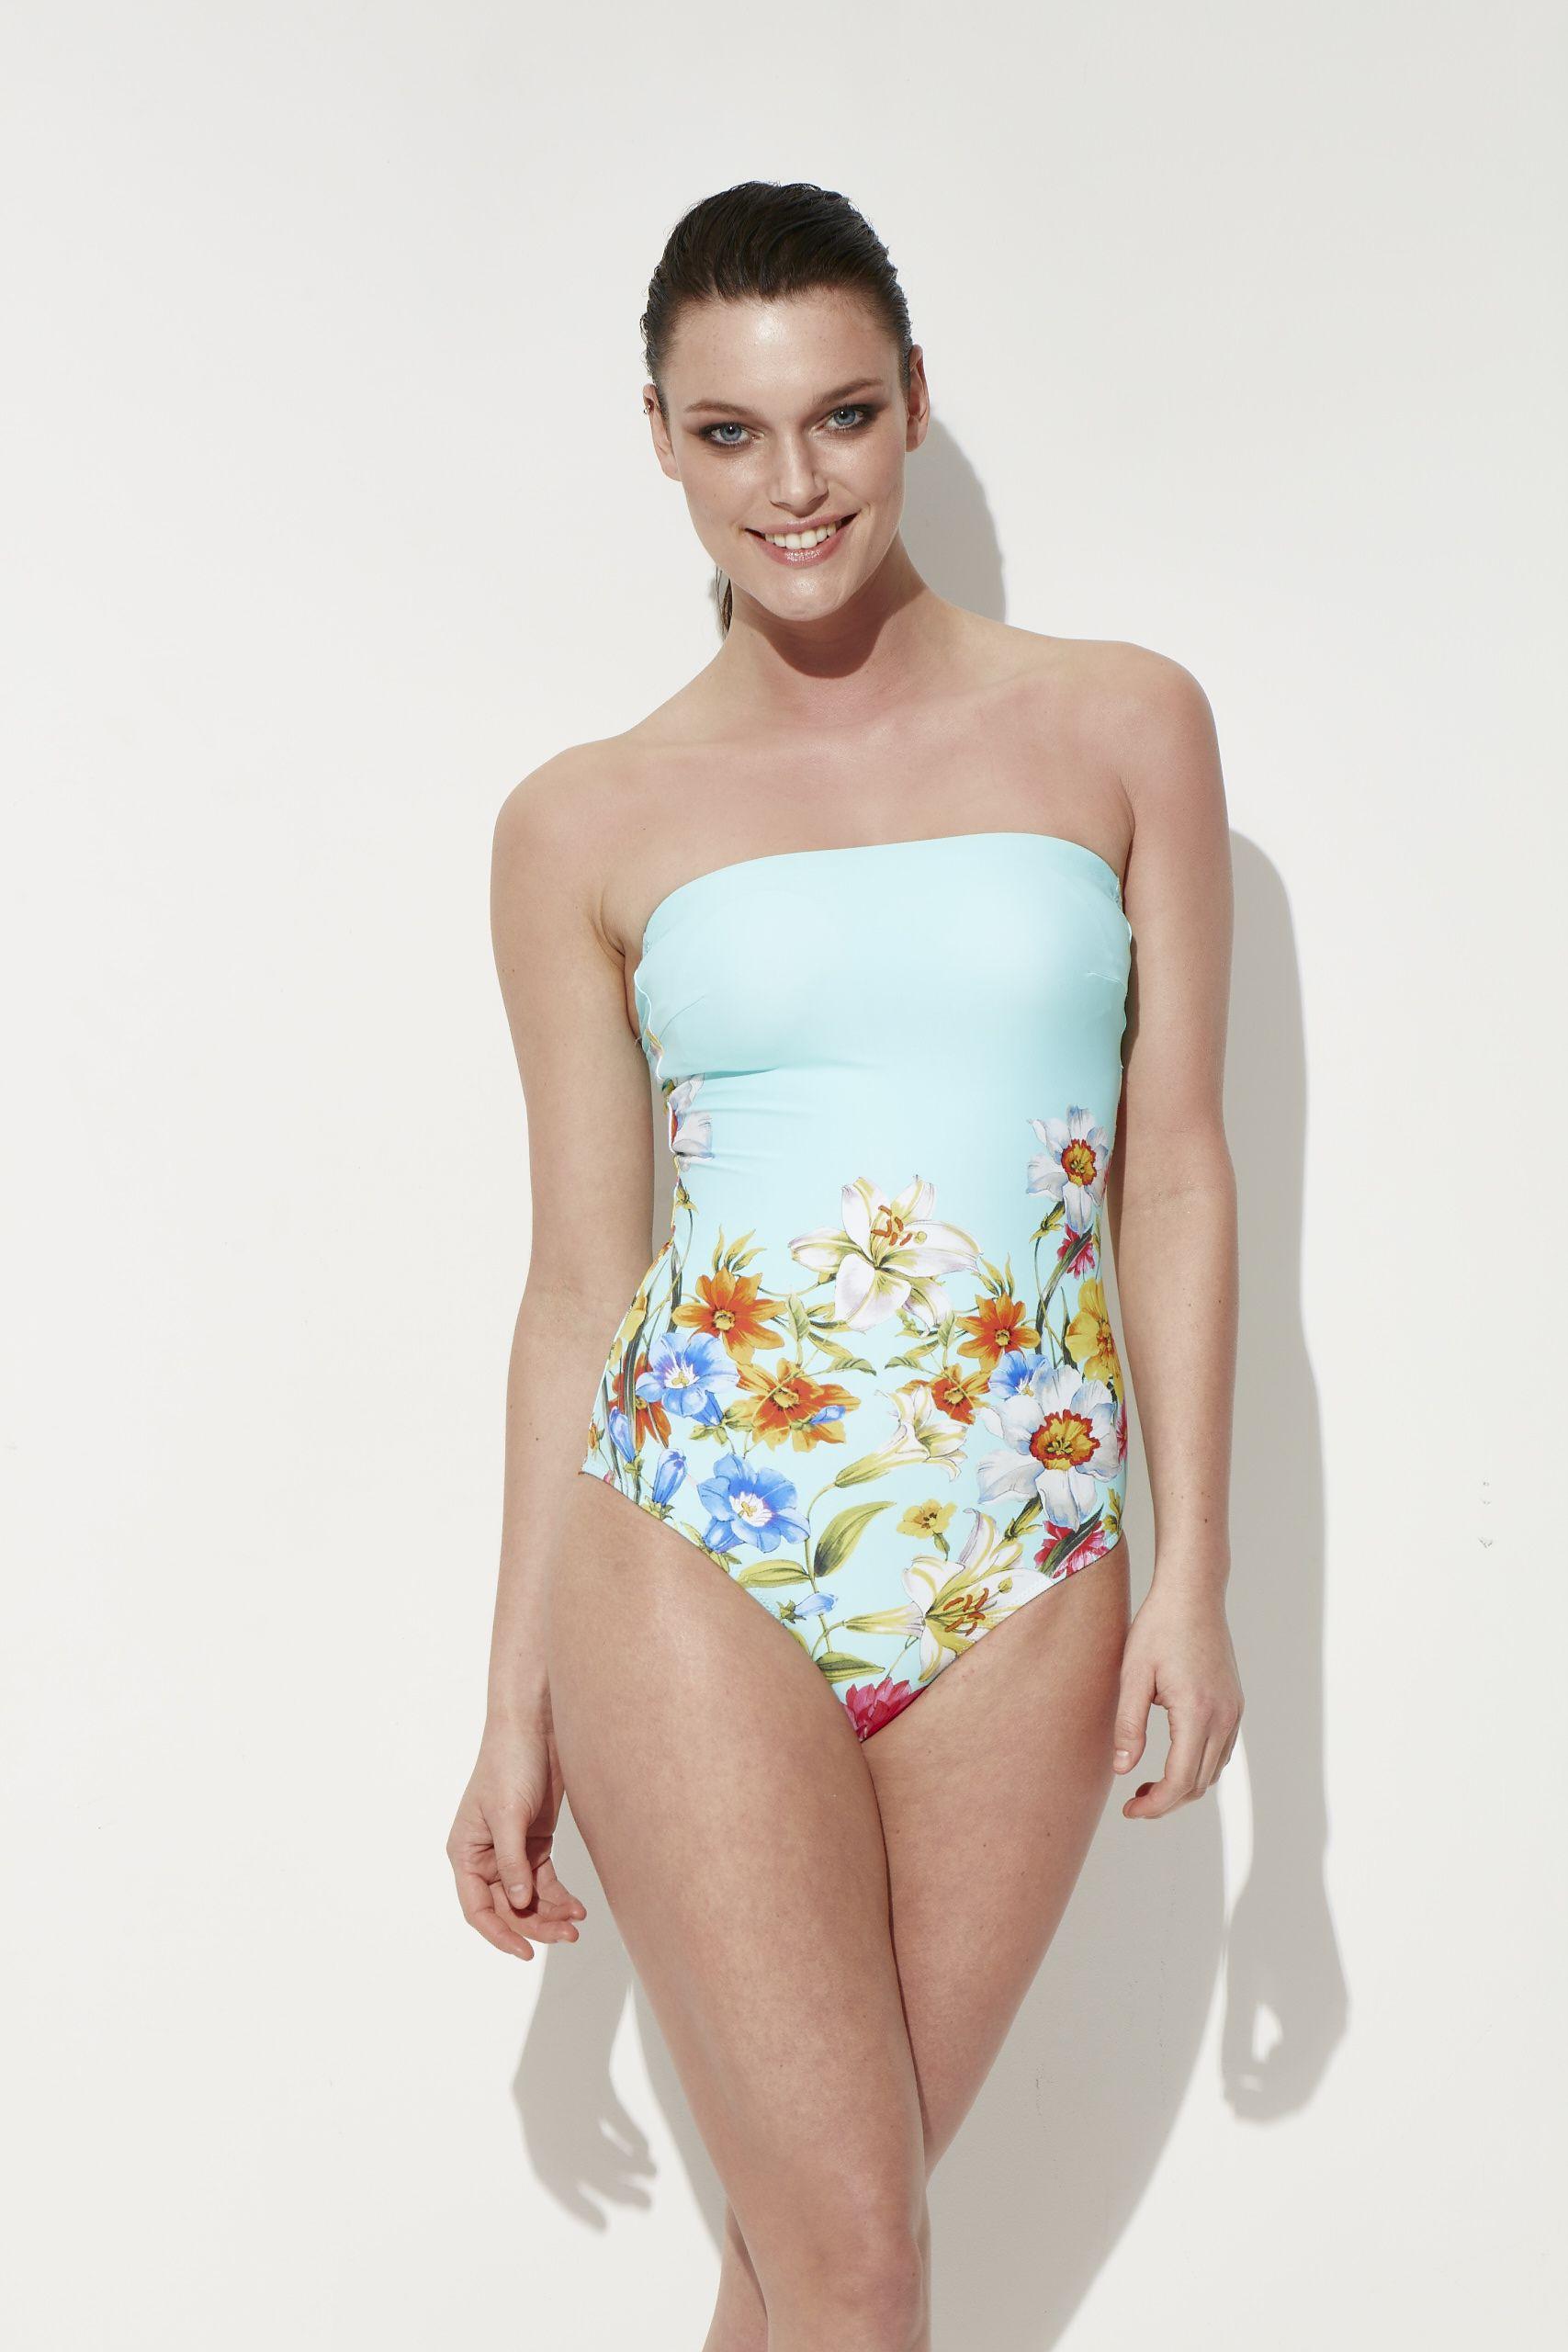 Reflections yeni sezon mayo #mayo #strapless #swimwear #swimsuit #new